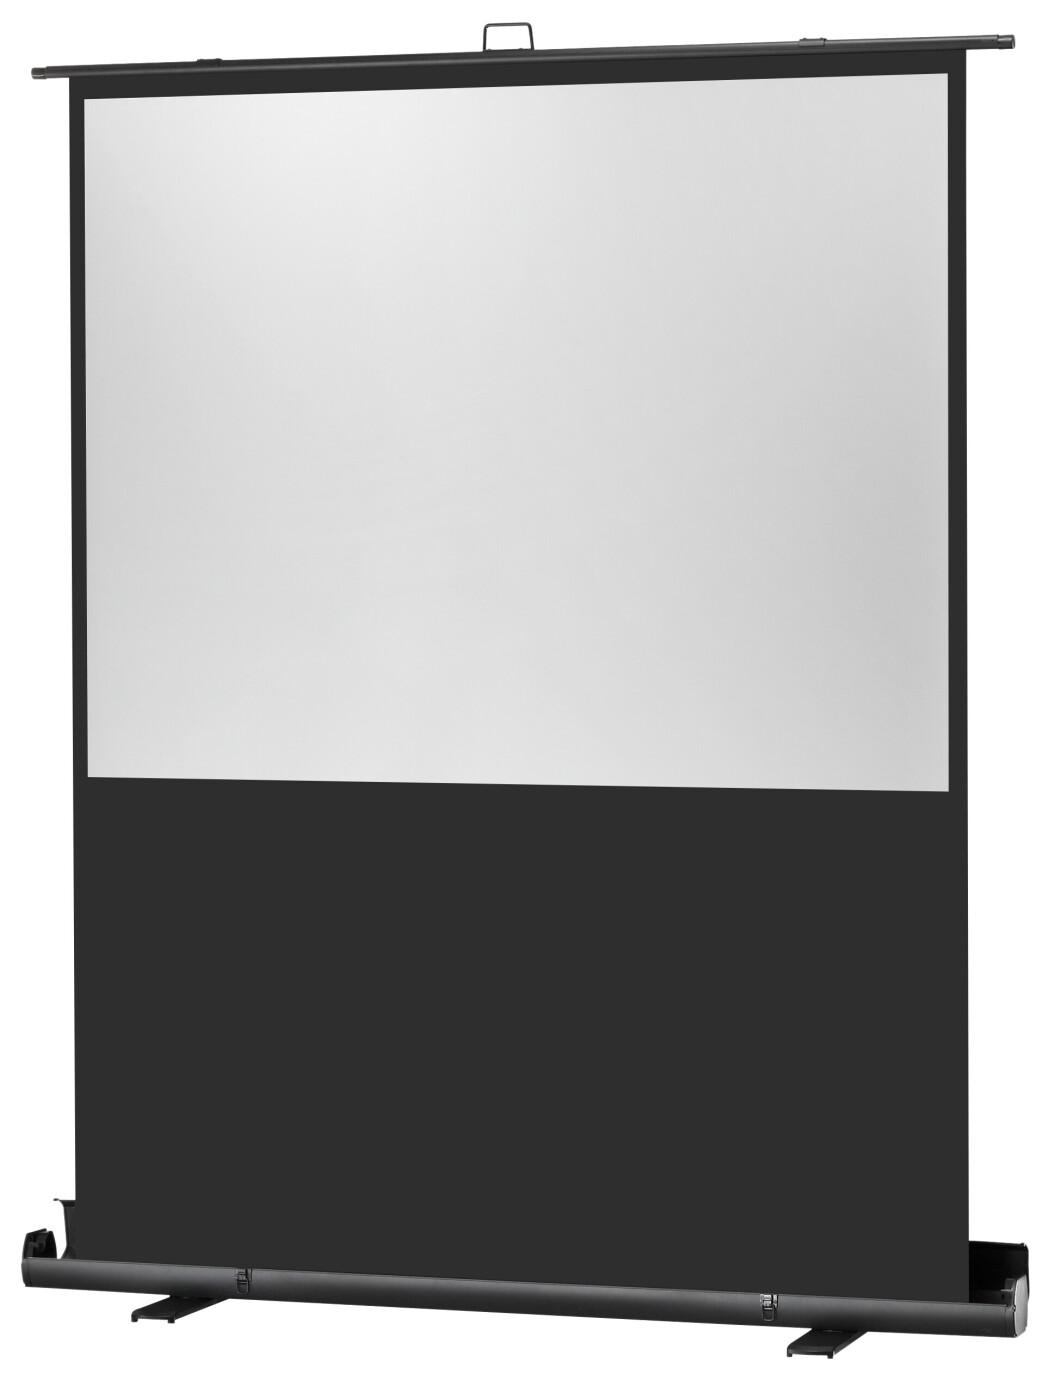 Celexon - Mobile Professional Plus - 114cm x 64cm - 16:9 - Portable Projector Screen